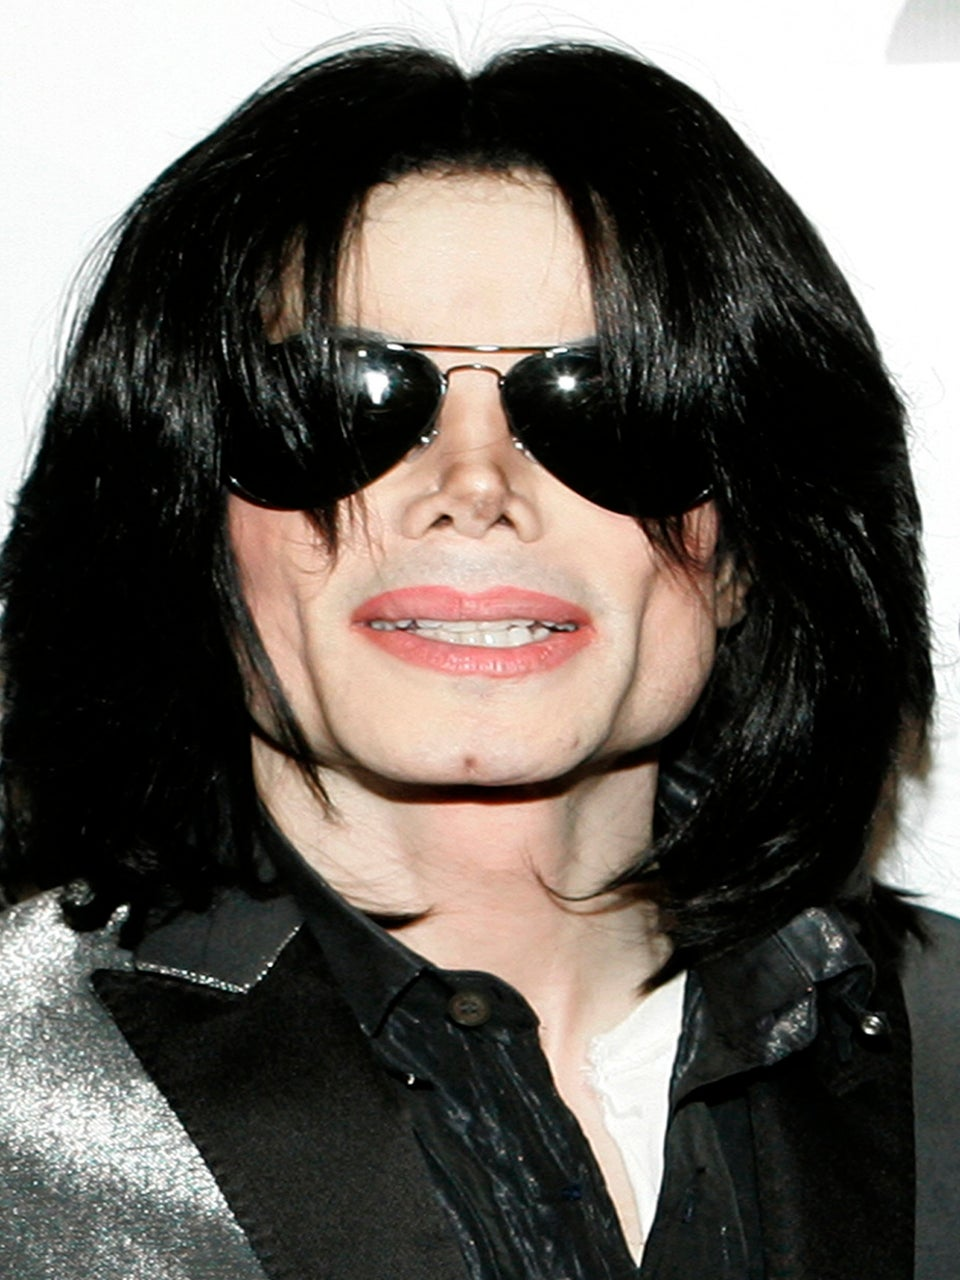 More Slurred Michael Jackson Audio Released